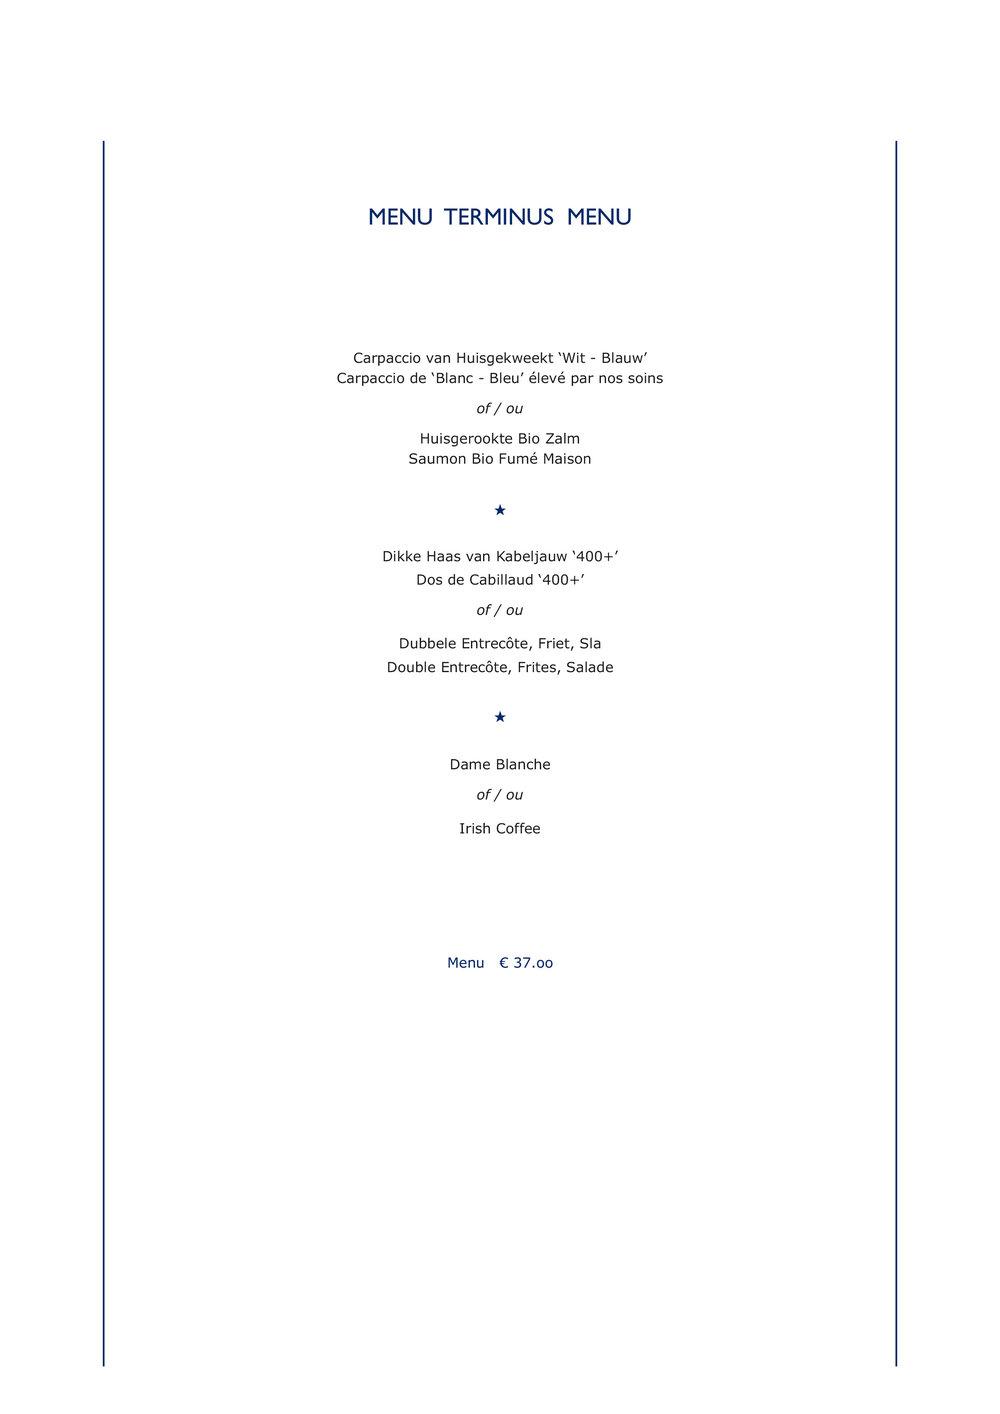 20170907_Terminus-menu.jpg